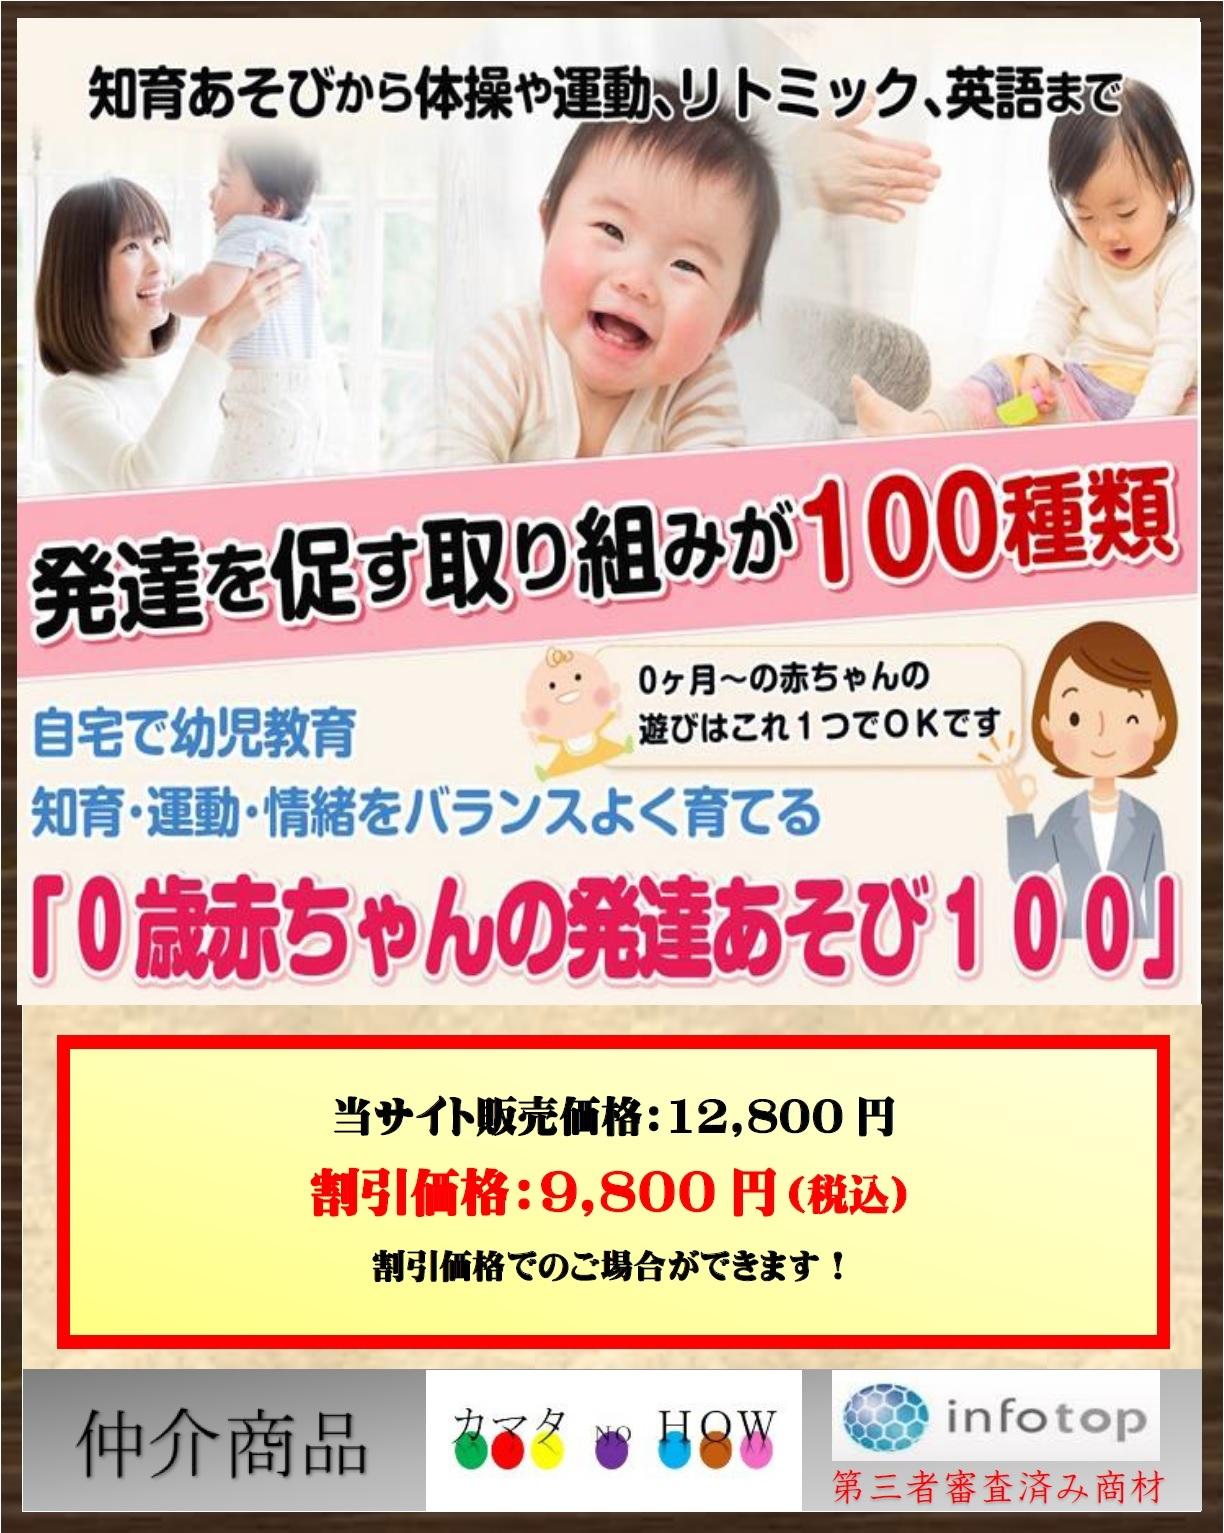 0歳赤ちゃんの発達あそび100